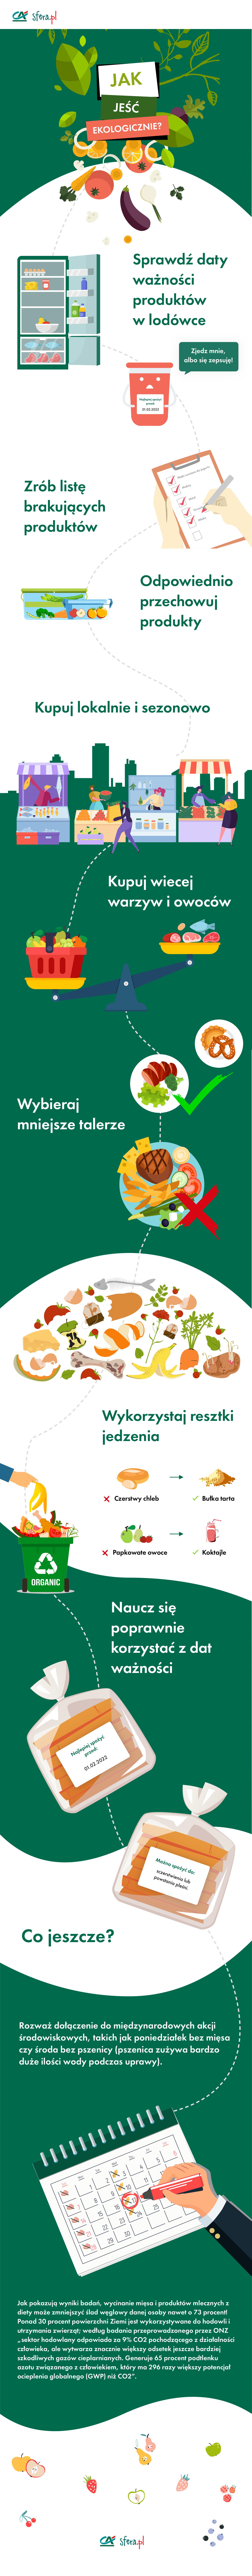 """infografika """"Jak jeść ekologicznie"""" przedstawiająca 9 porad odnośnie tego jak jeść, robić zakupy spożywcze i przechowywać pożywienie w zgodzie ze środowiskiem."""